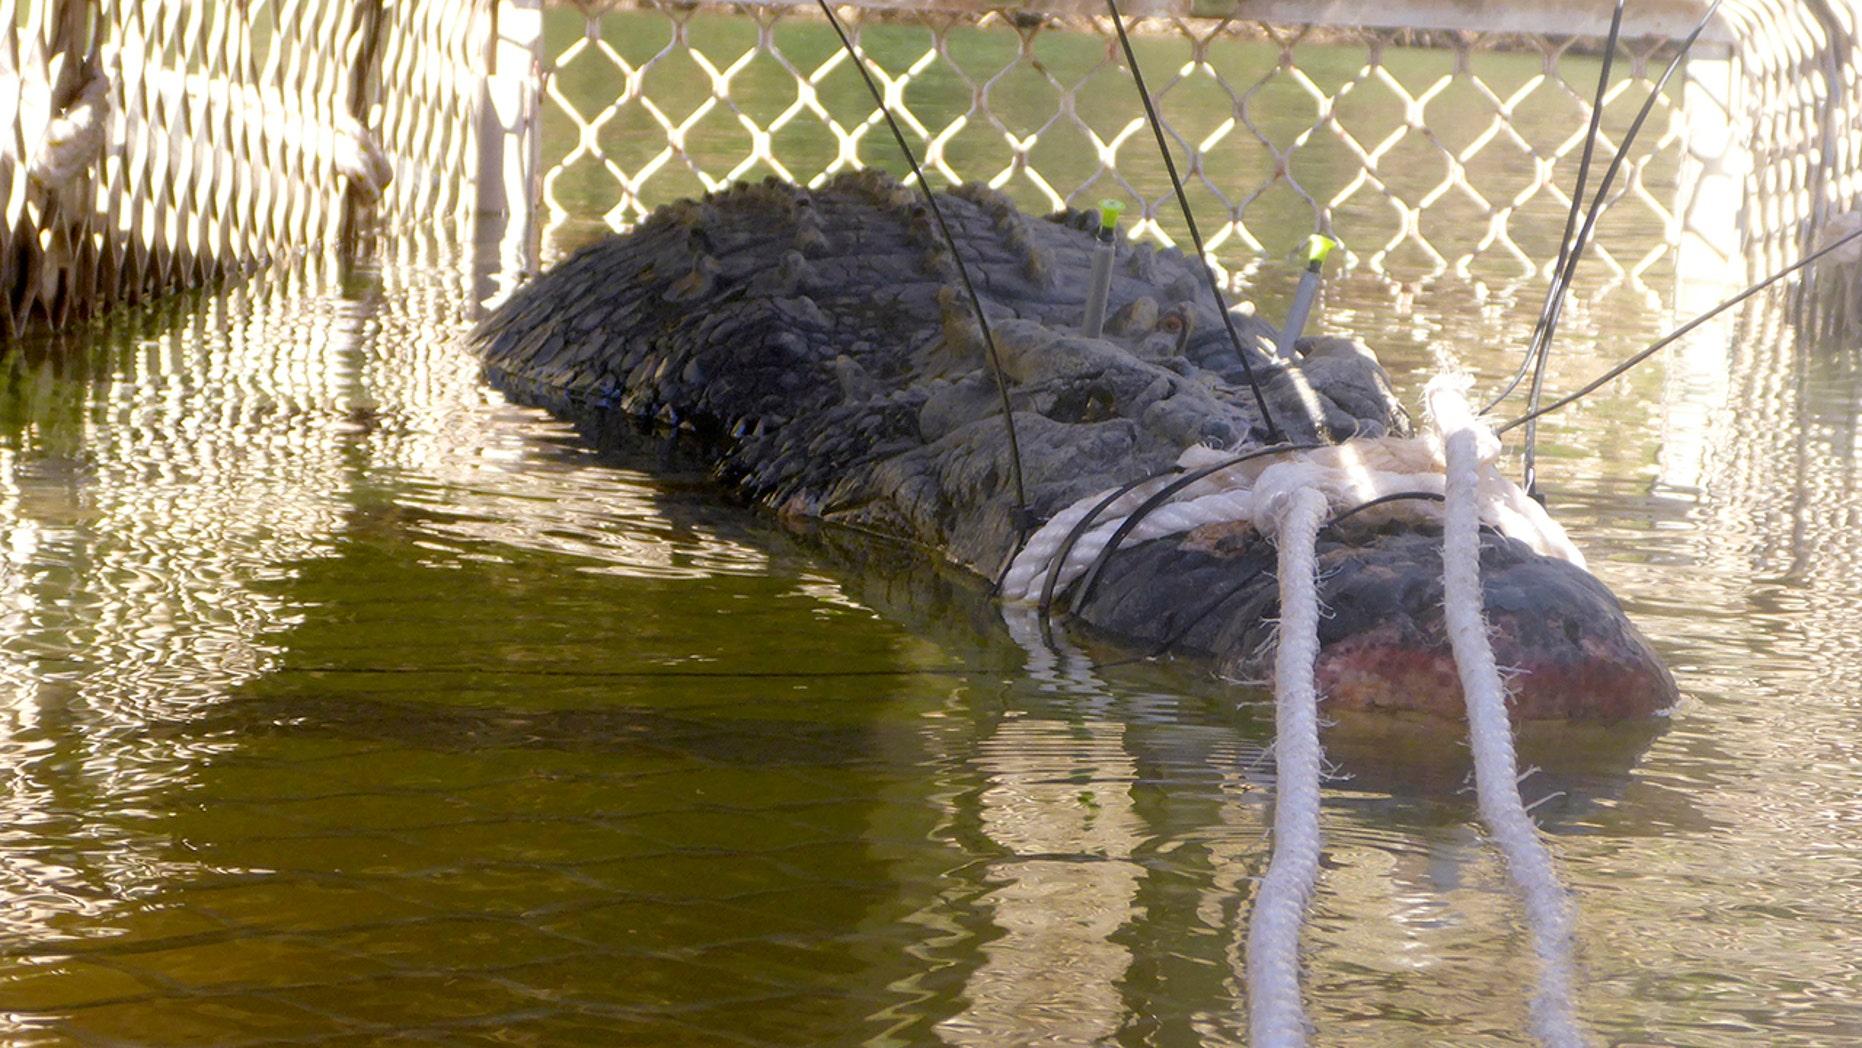 A 15-foot, 1,300-pound saltwater croc was captured in Australia.